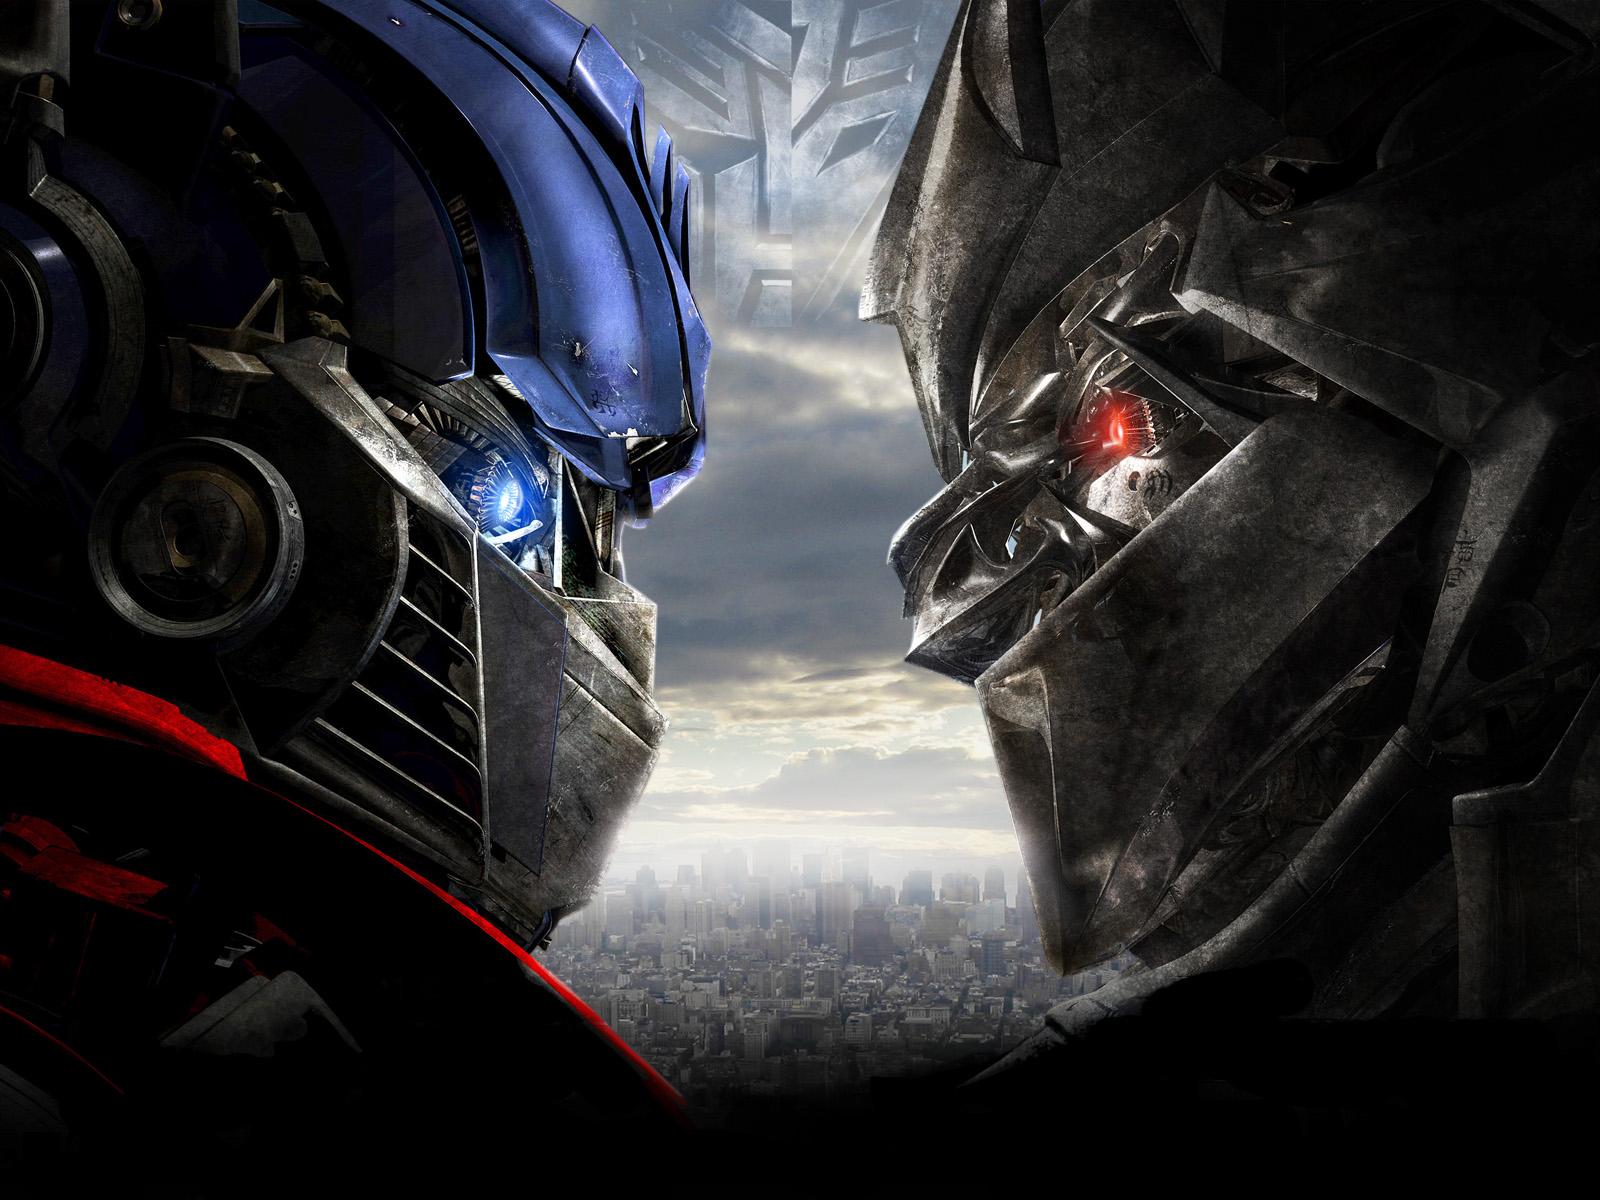 Tải Hình nền Transformers full HD đẹp nhất cho máy tính